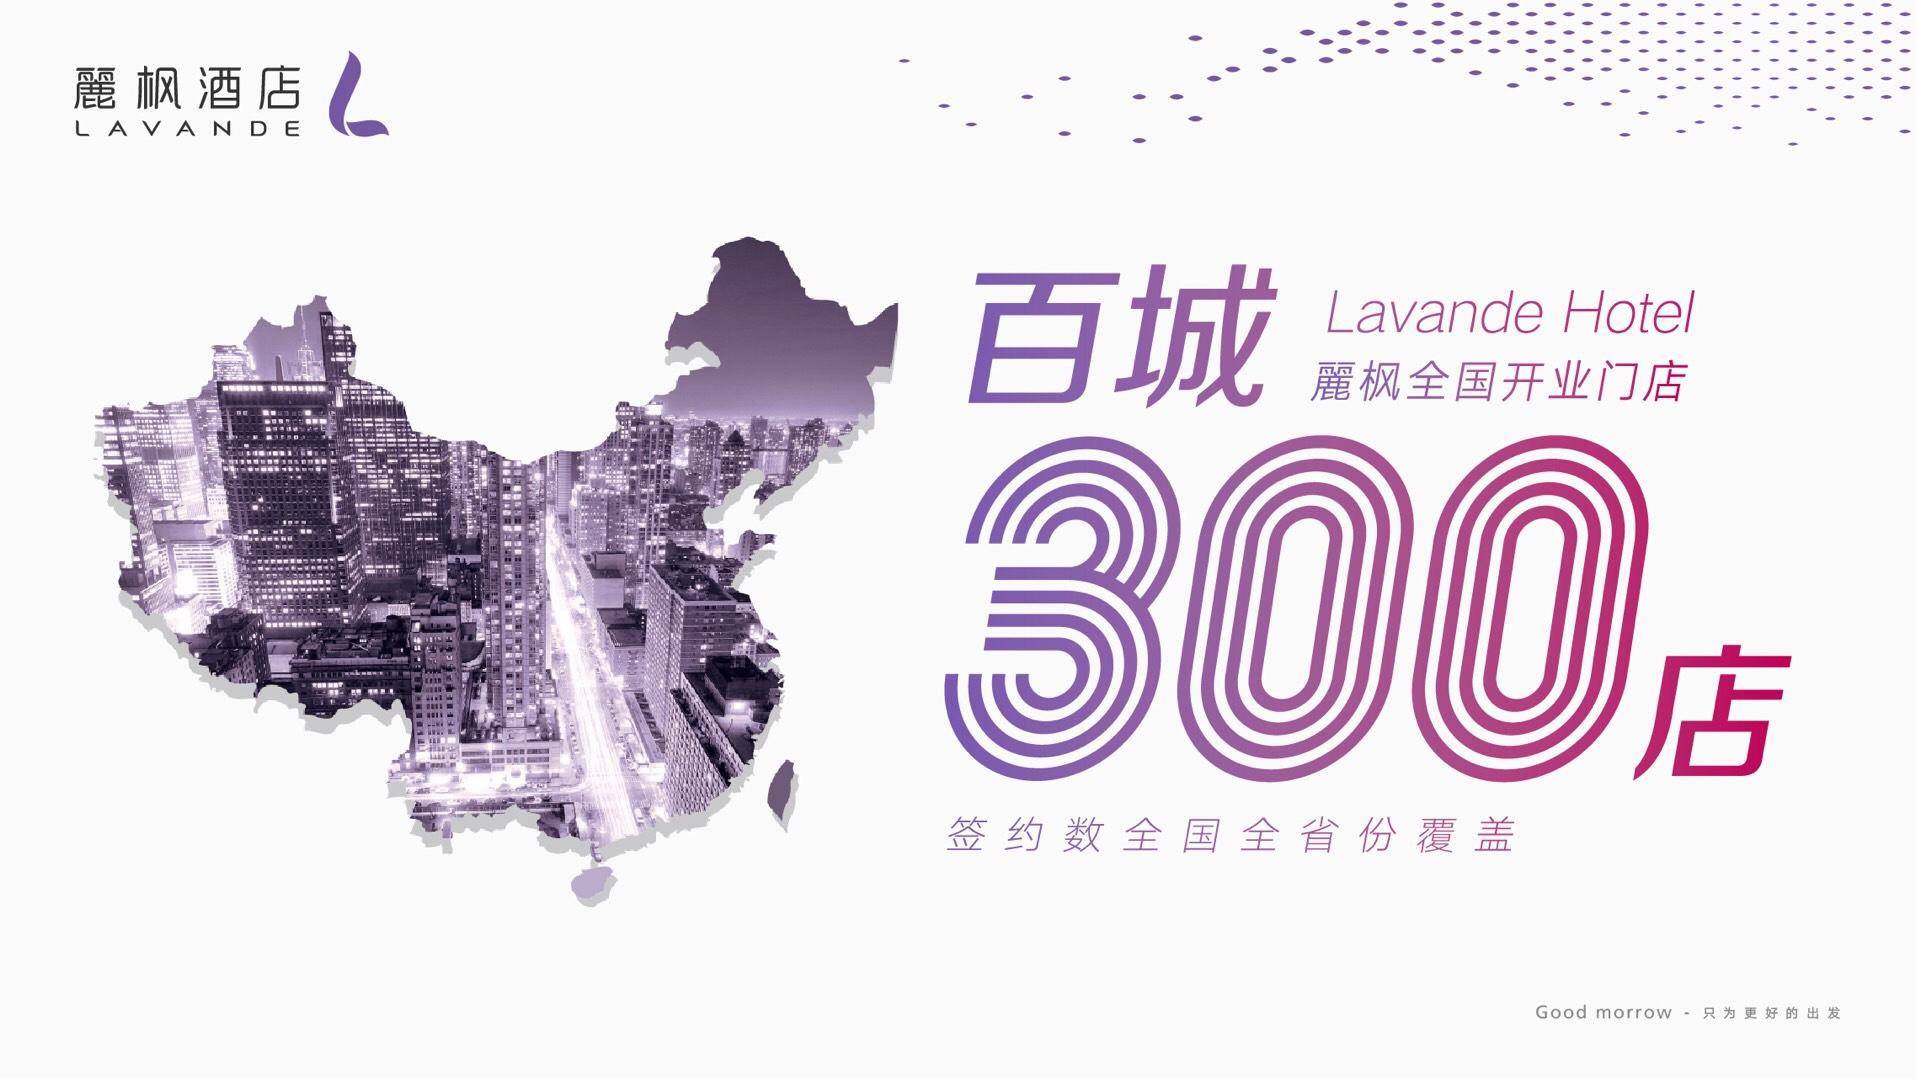 麗枫酒店百城开业300店,持续闪耀中端